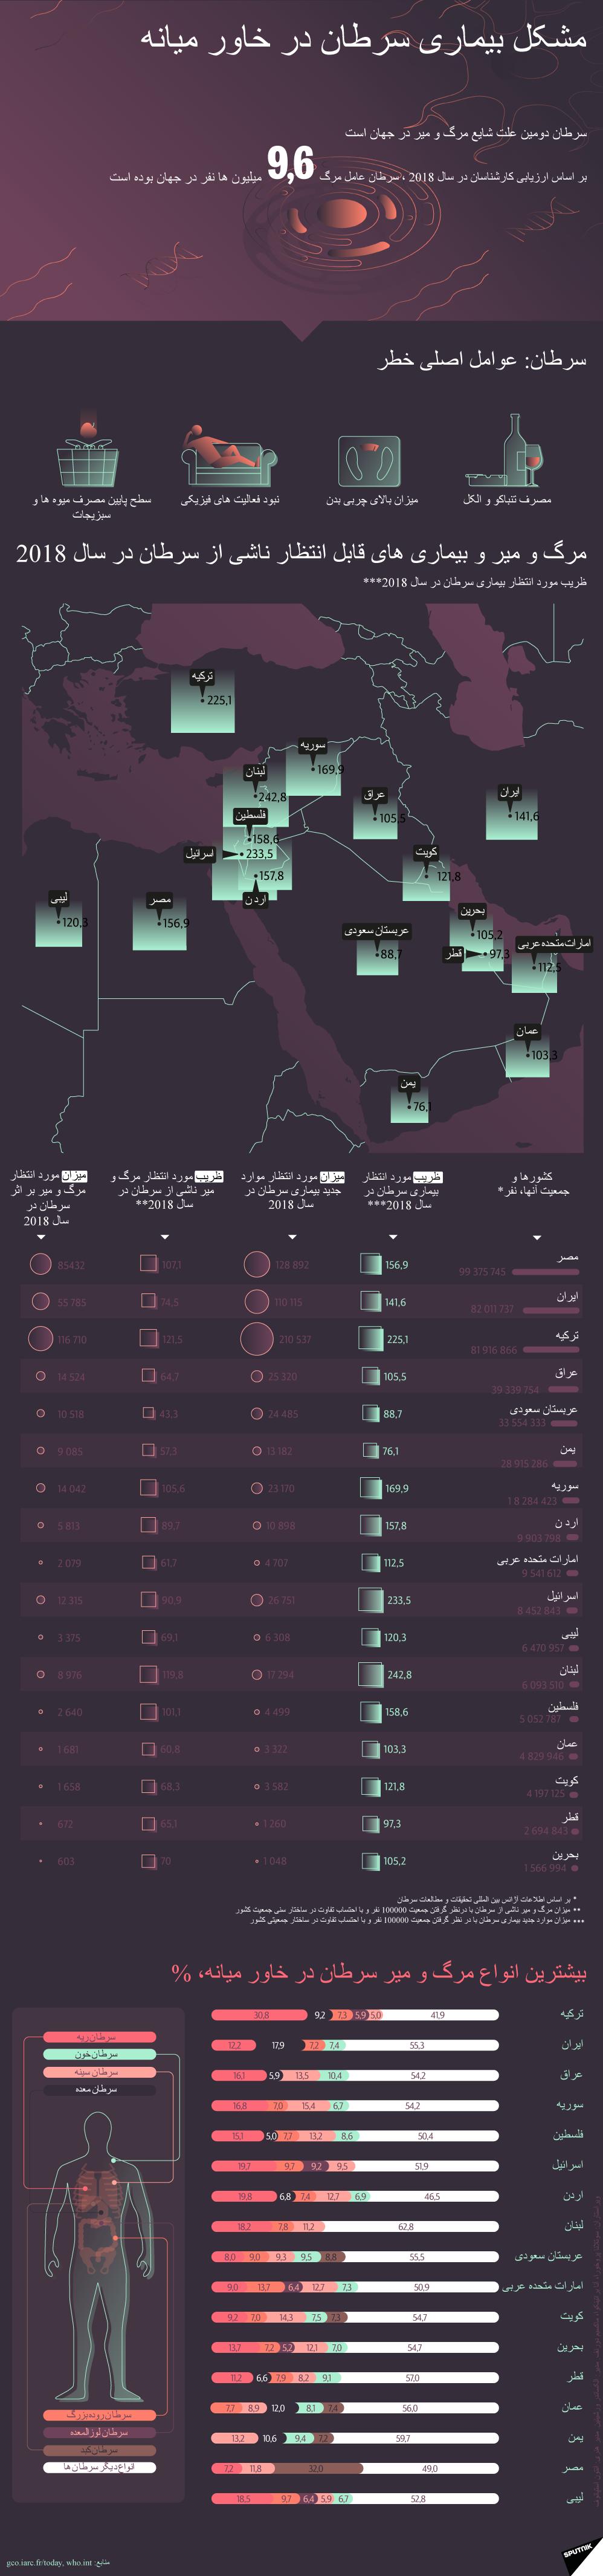 مشکل بیماری سرطان در خاور میانه